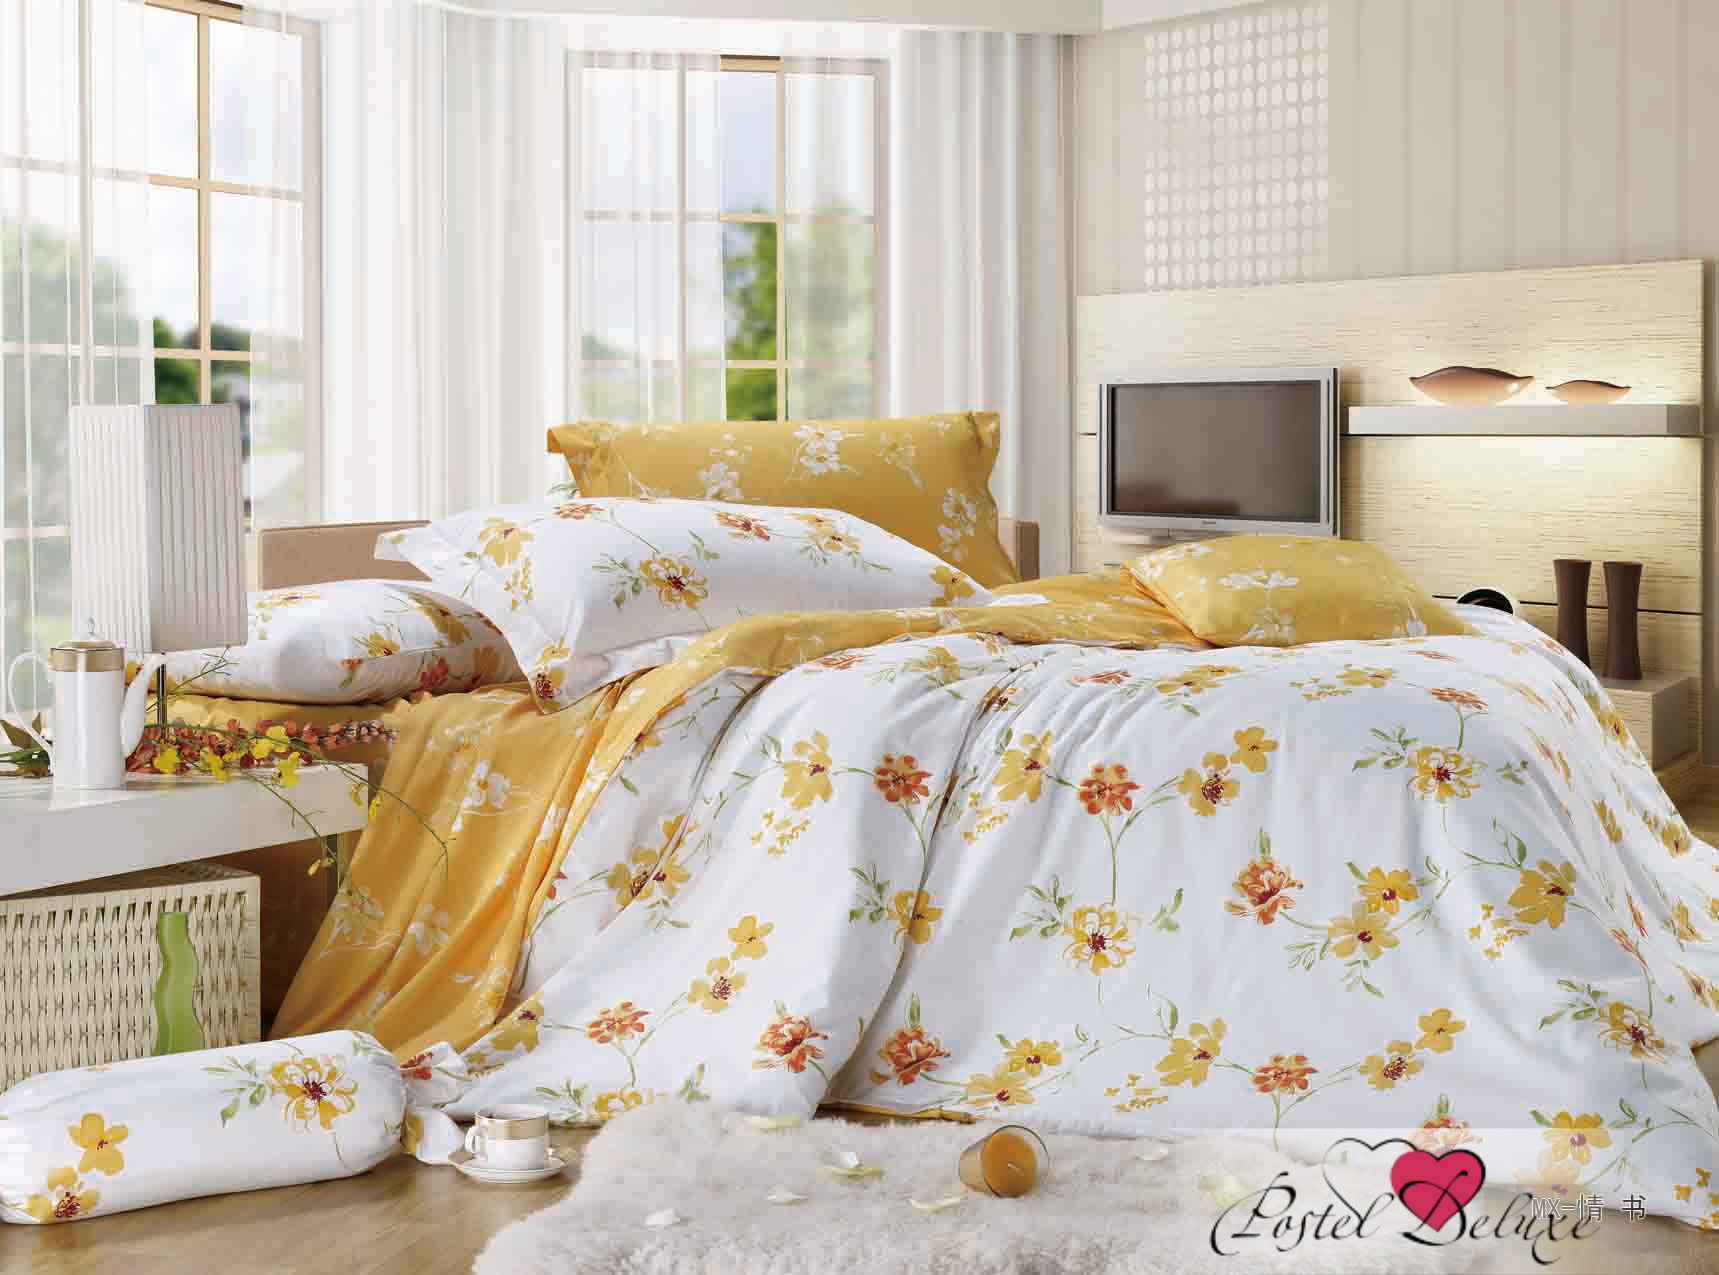 Купить Комплекты постельного белья Valtery, Постельное белье Maia (семейное), Китай, Белый, Голубой, Желтый, Золотой, Хлопковый сатин